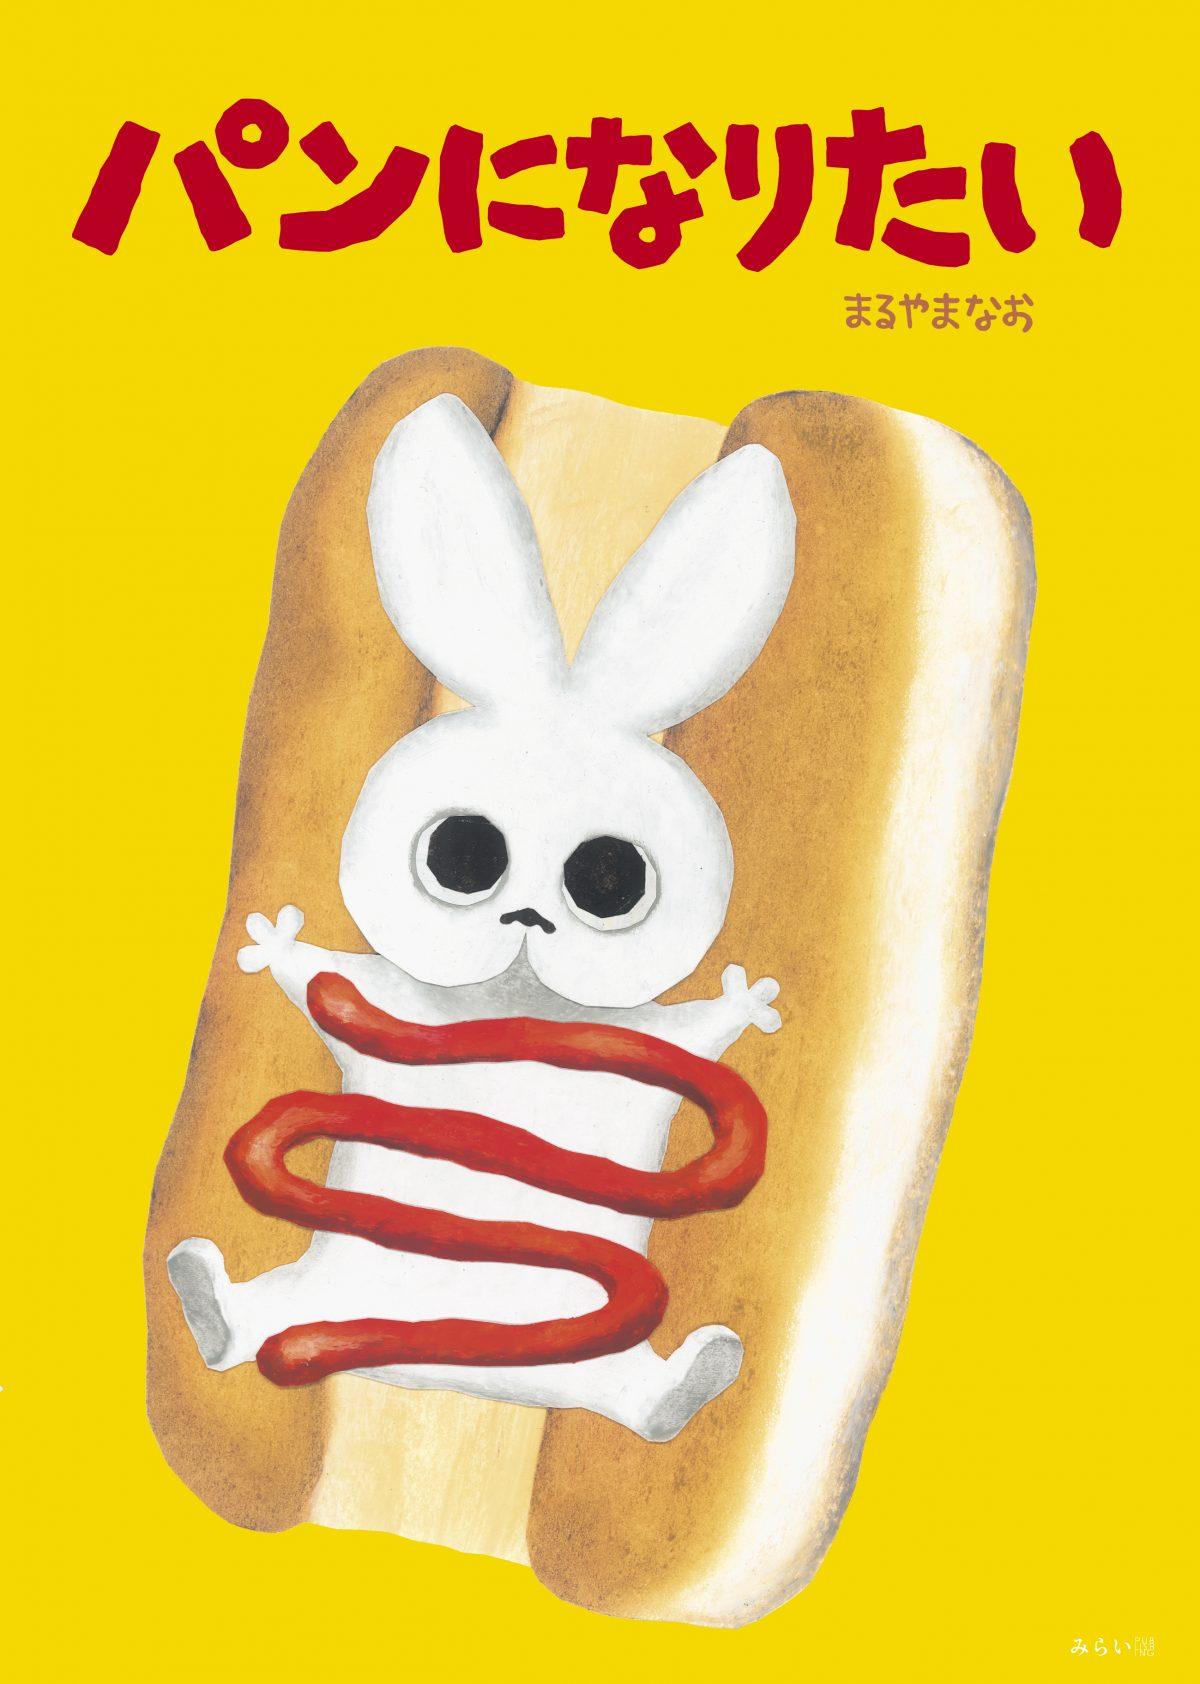 絵本「パンになりたい」の表紙